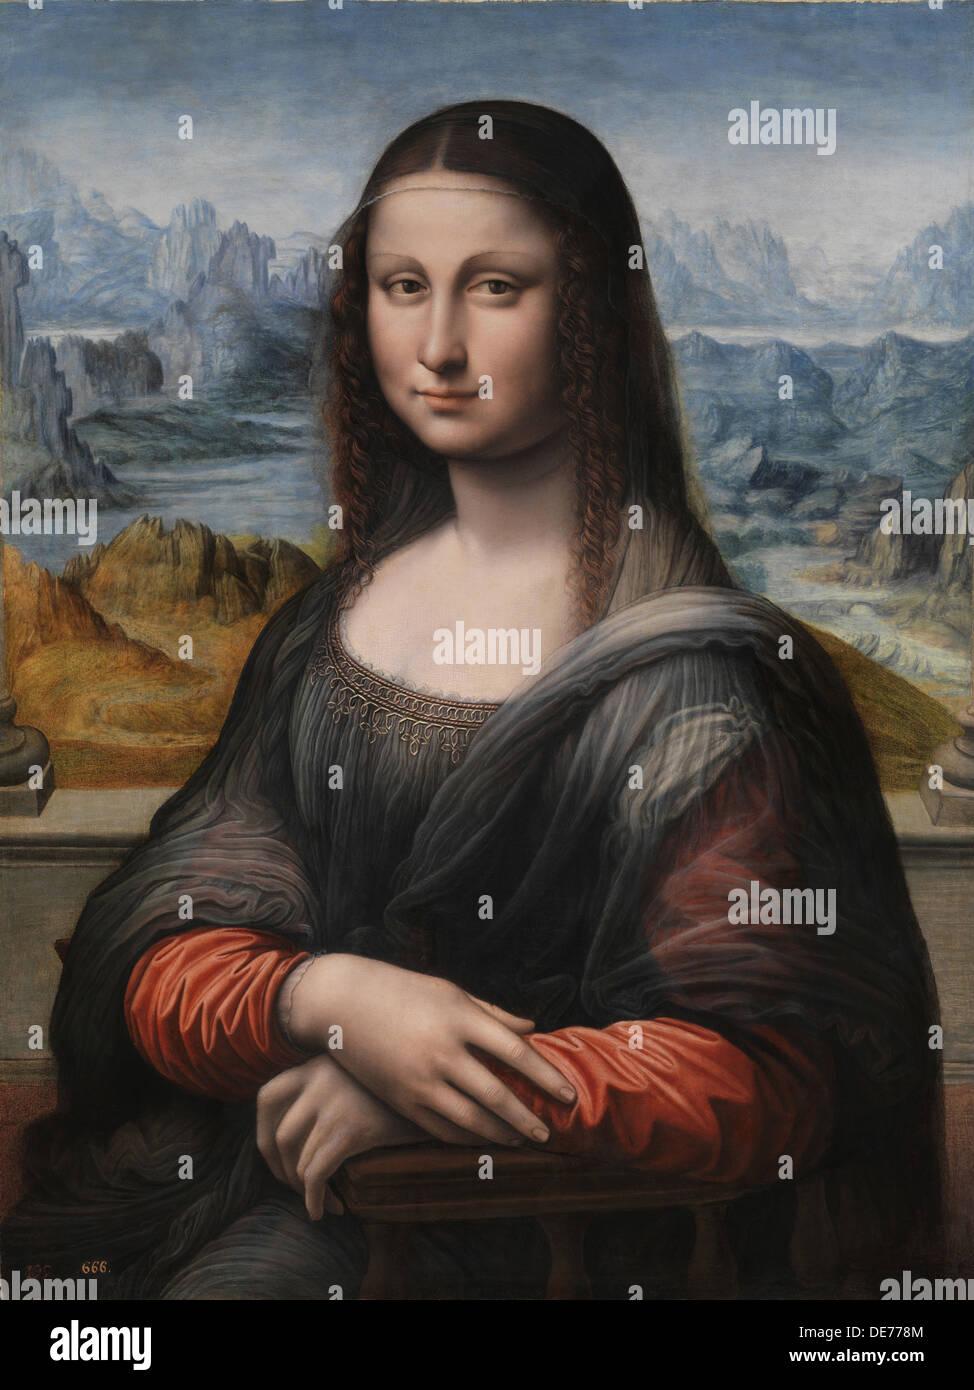 Mona lisa la gioconda 1503 1516 artist leonardo da for La gioconda di leonardo da vinci